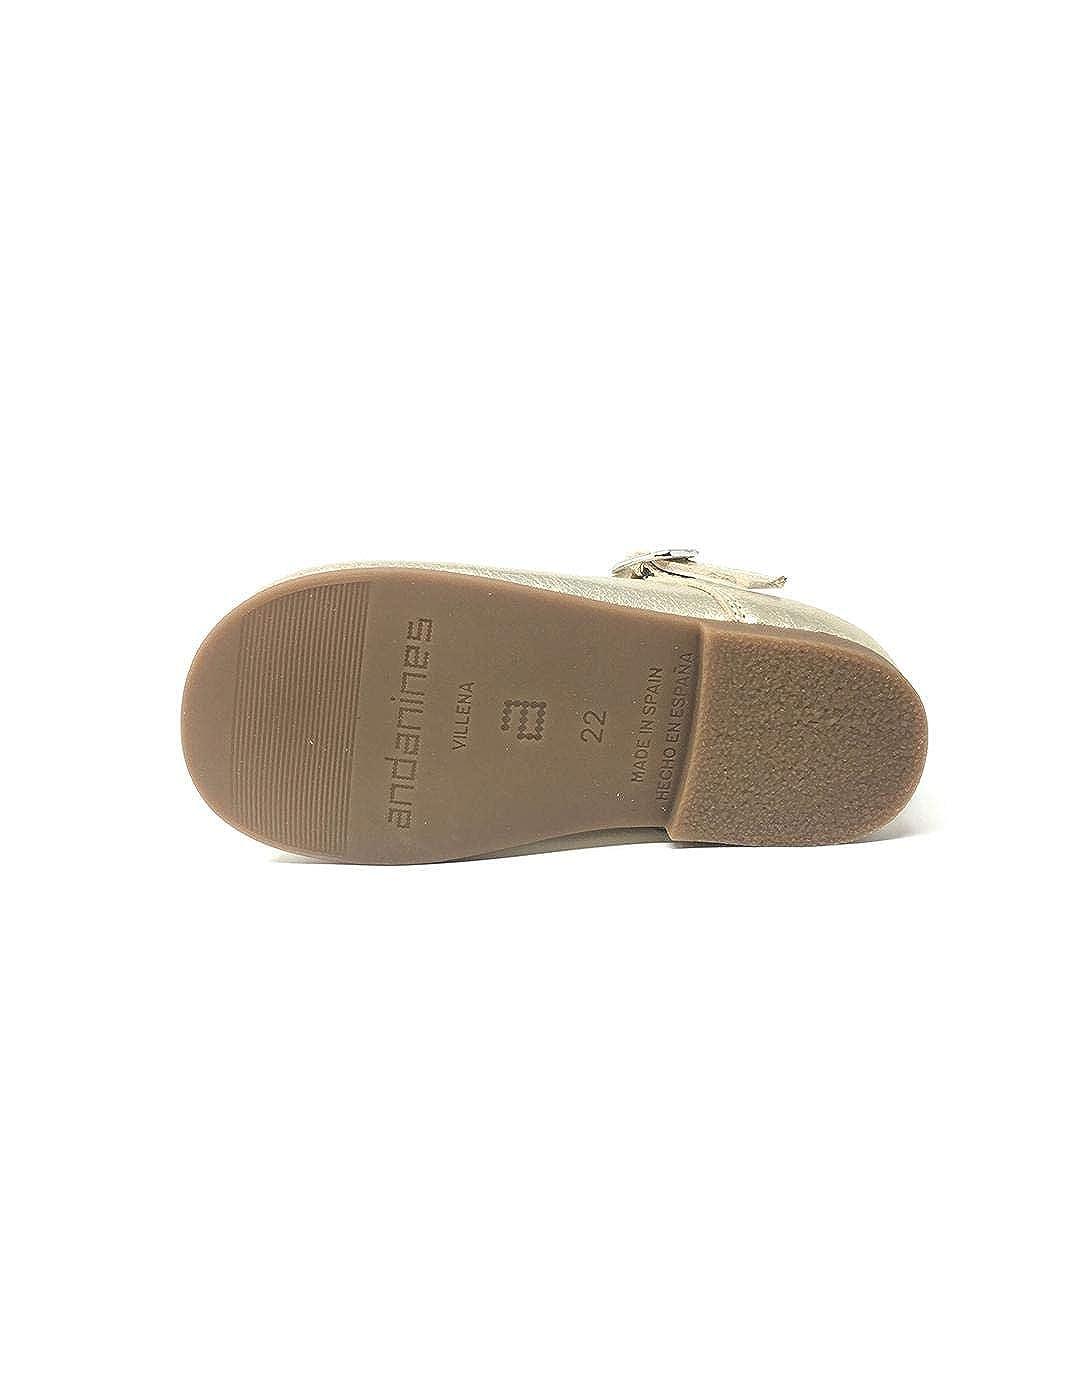 Mercedita Laminado Oro: Amazon.es: Zapatos y complementos